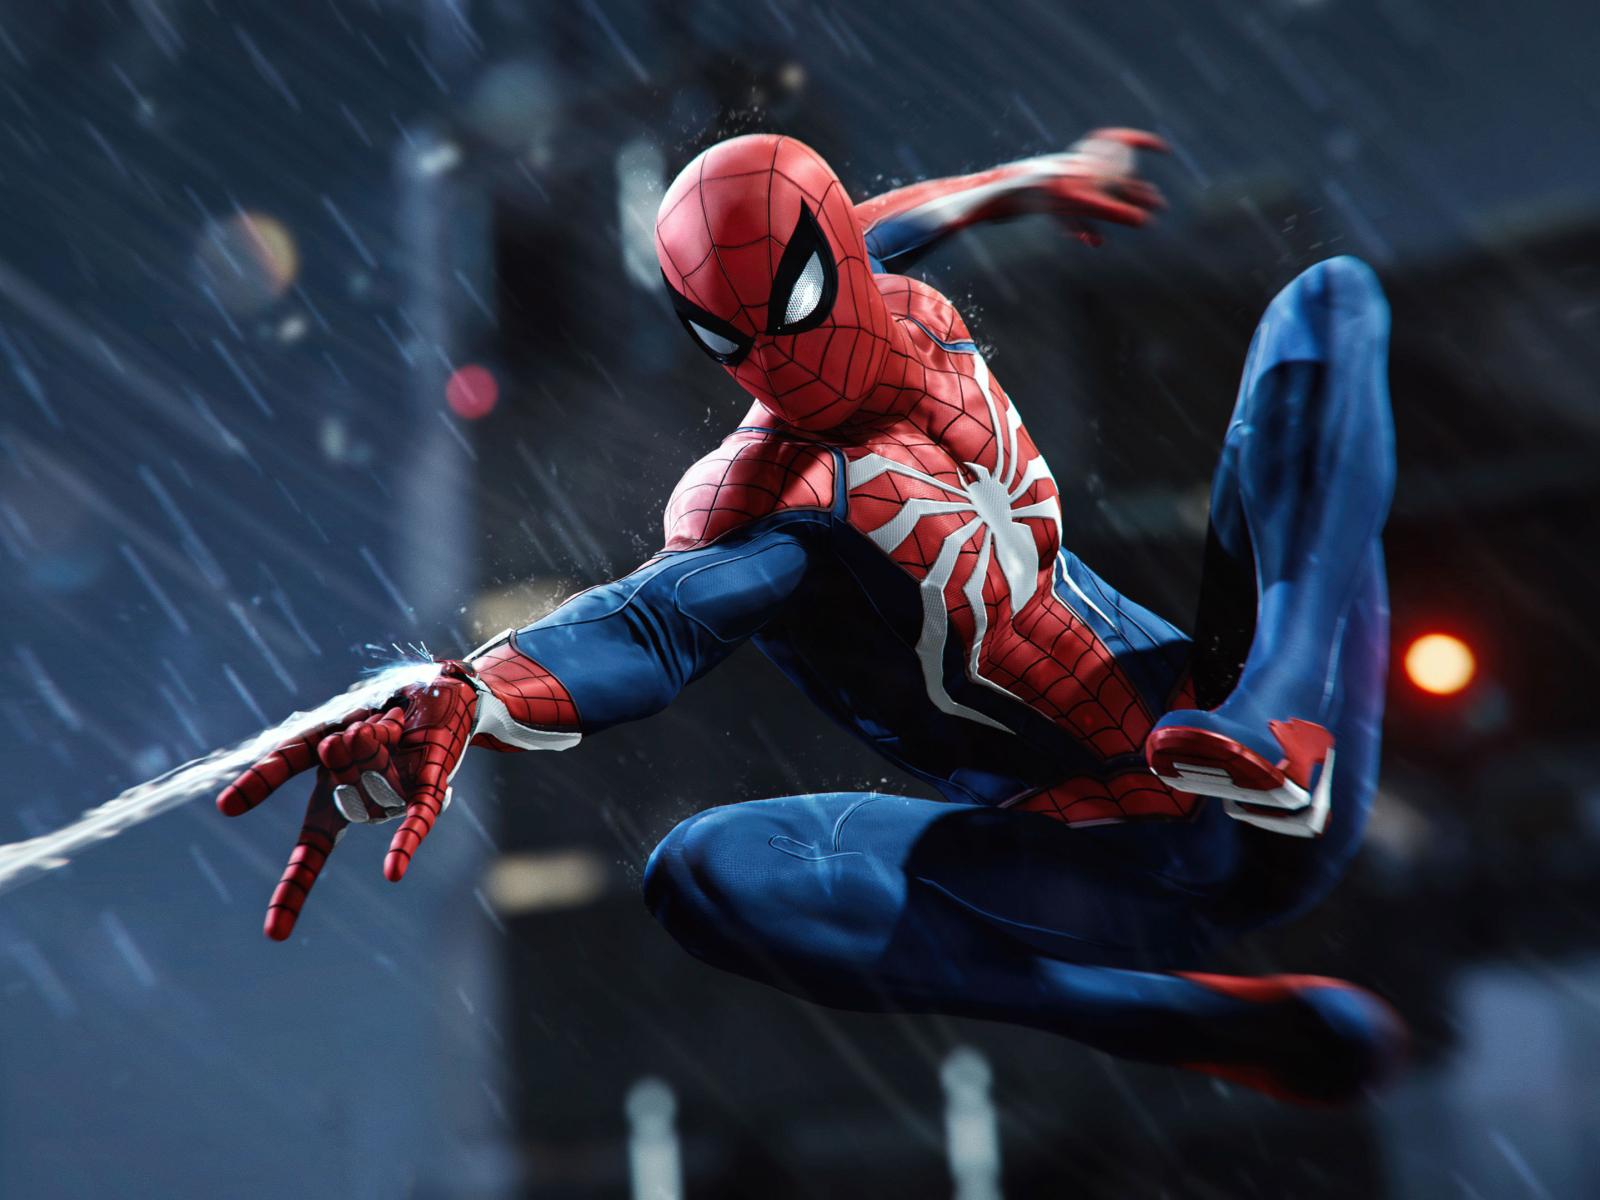 Spider Man Ps4 2018 Hd 4k Wallpaper